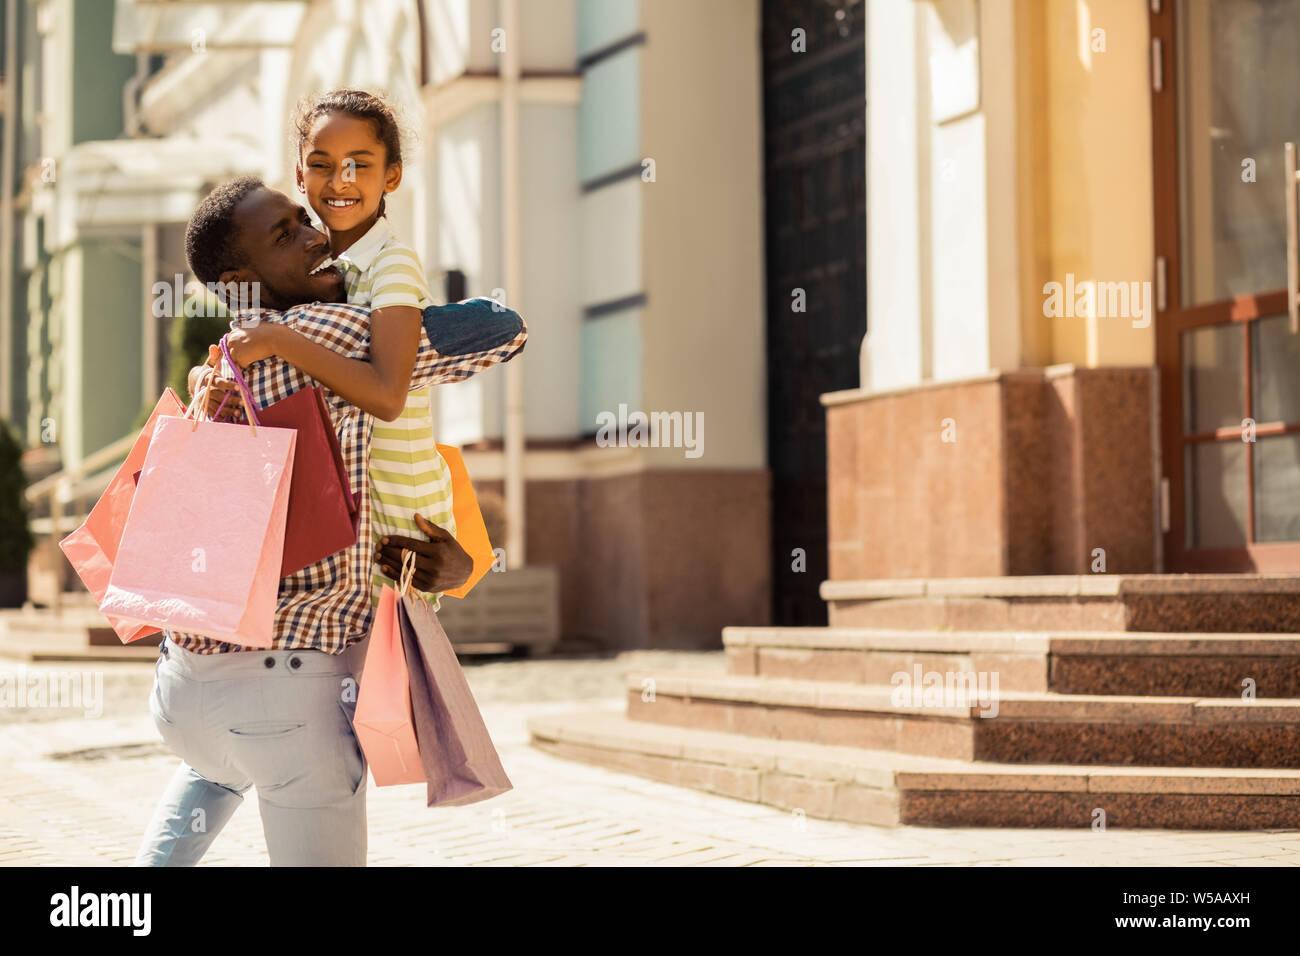 Peu de plaisir positif dépenses féminin week-end avec papa Banque D'Images